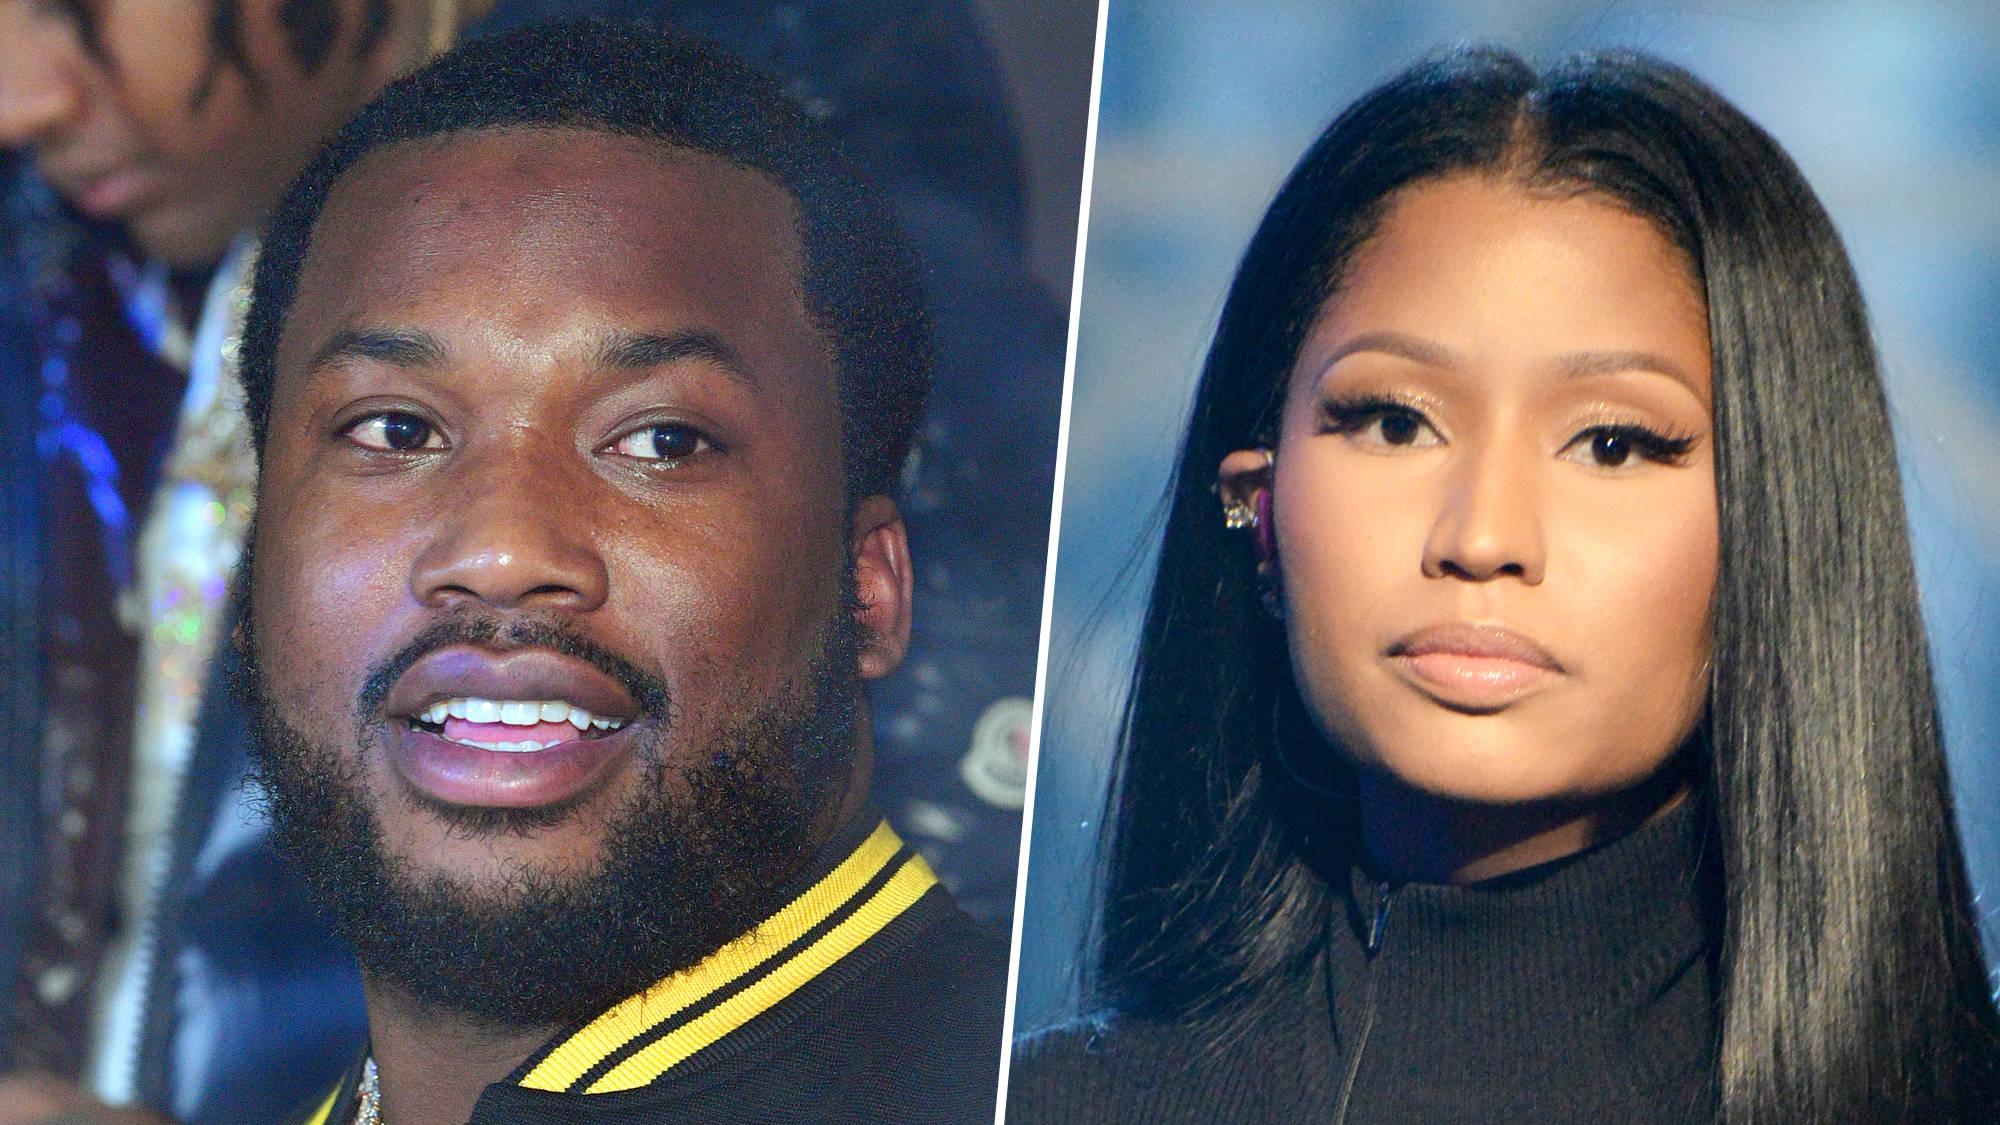 Meek Mill Responds After 'Dissing' Ex-Girlfriend Nicki Minaj